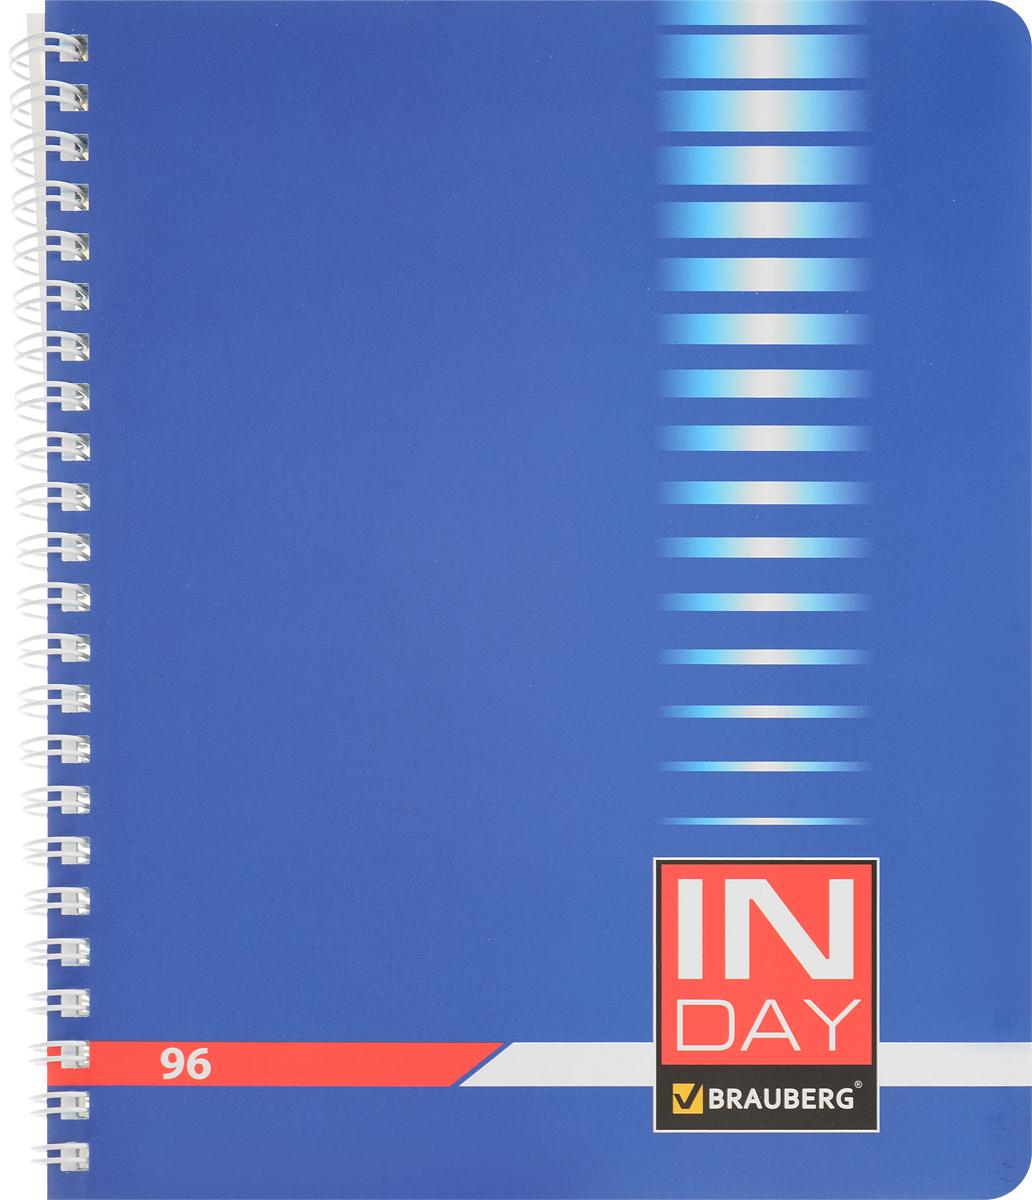 Brauberg Тетрадь In Day 96 листов в клетку цвет синий 400526400518 _красныйТетрадь Brauberg In Day на металлическом гребне пригодится как школьнику, так и студенту.Такое практичное и надежное крепление позволяет отрывать листы и полностью открывать тетрадь на столе. Обложка изготовлена из импортного мелованного картона. Внутренний блок выполнен из высококачественного офсета в стандартную клетку без полей. Тетрадь содержит 96 листов. Страницы тетради дополнены микроперфорацией для удобного отрыва листов.